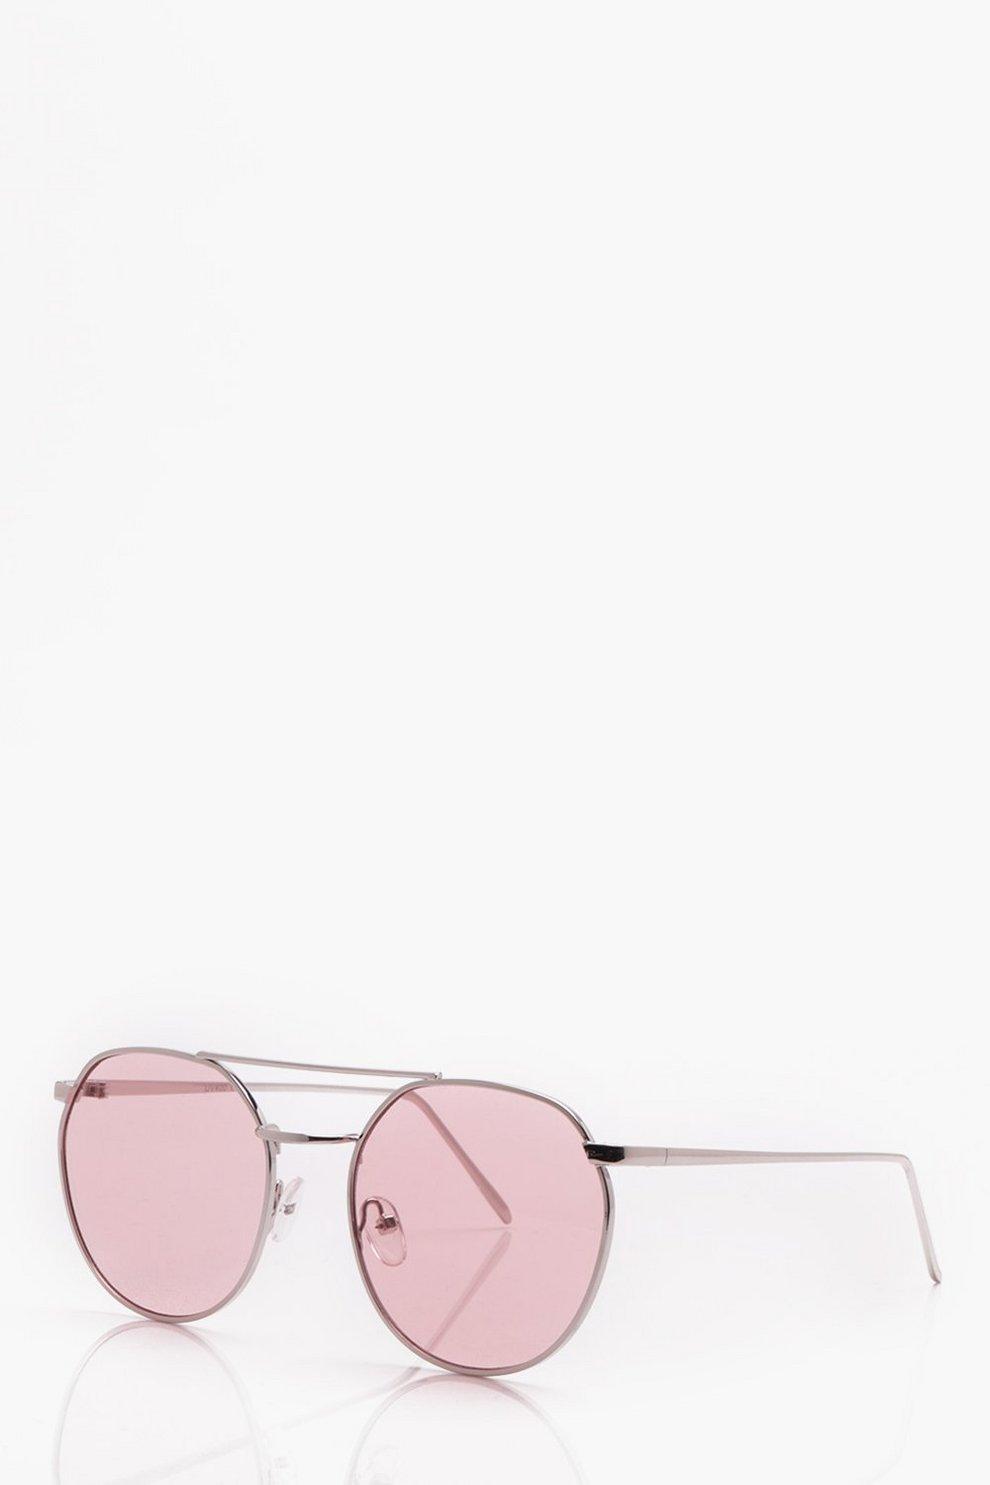 Herbst Schuhe erstklassig ein paar Tage entfernt Runde Sonnenbrille mit pink getönten Gläsern | Boohoo